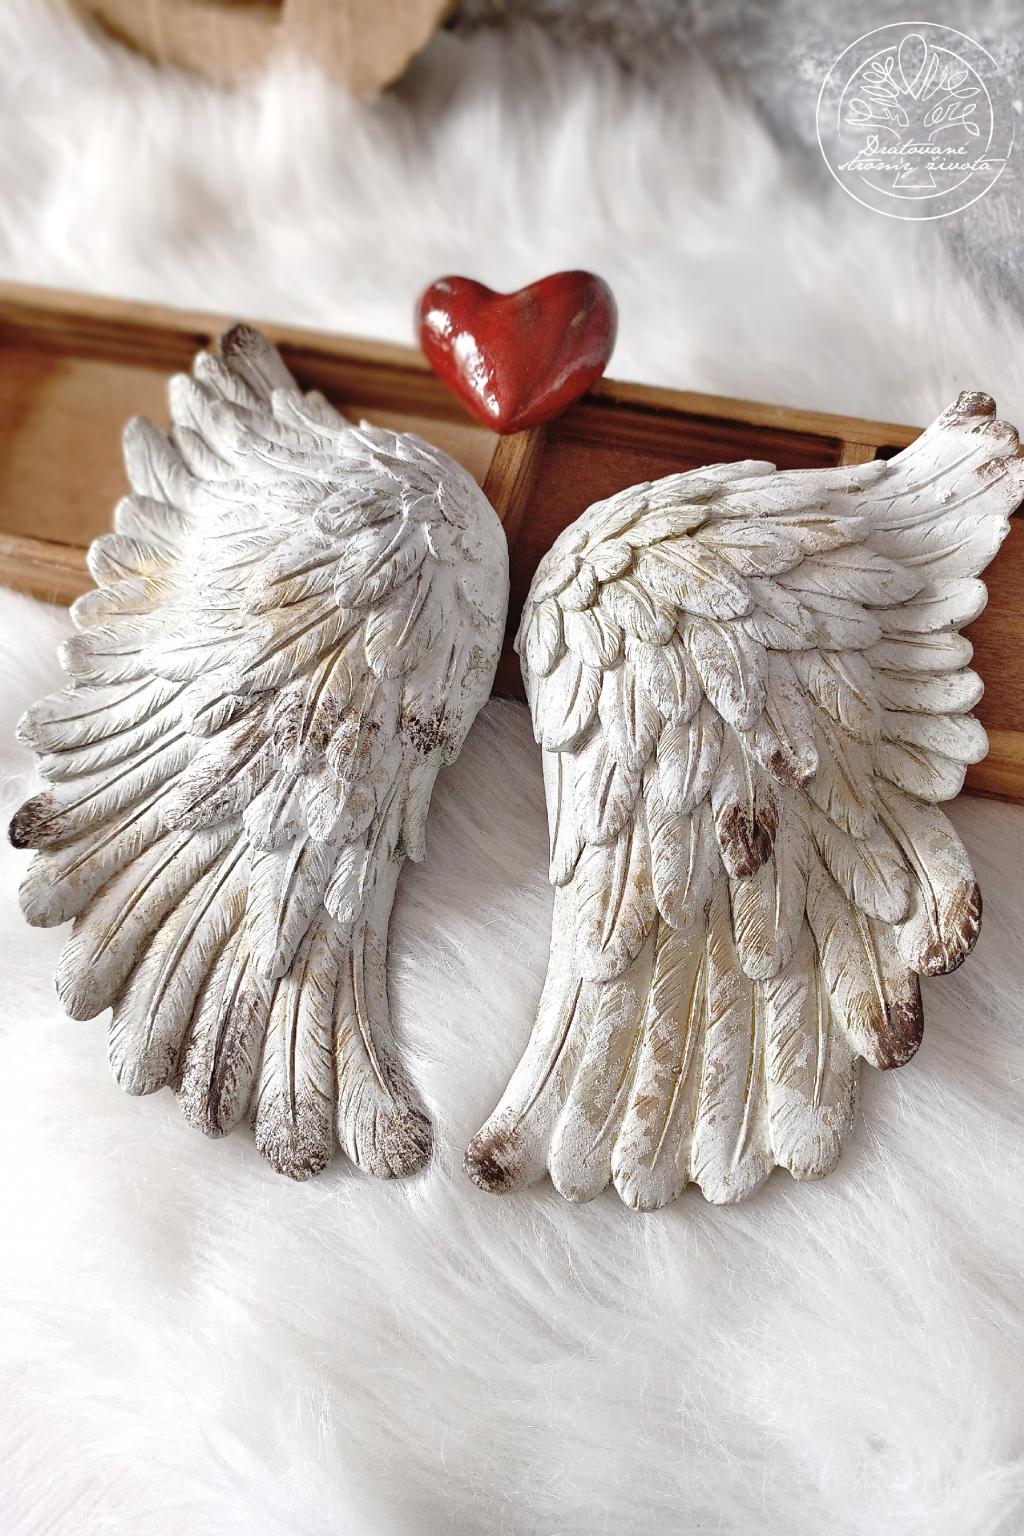 Andělská křídla pár - Čistá duše 27x27cm